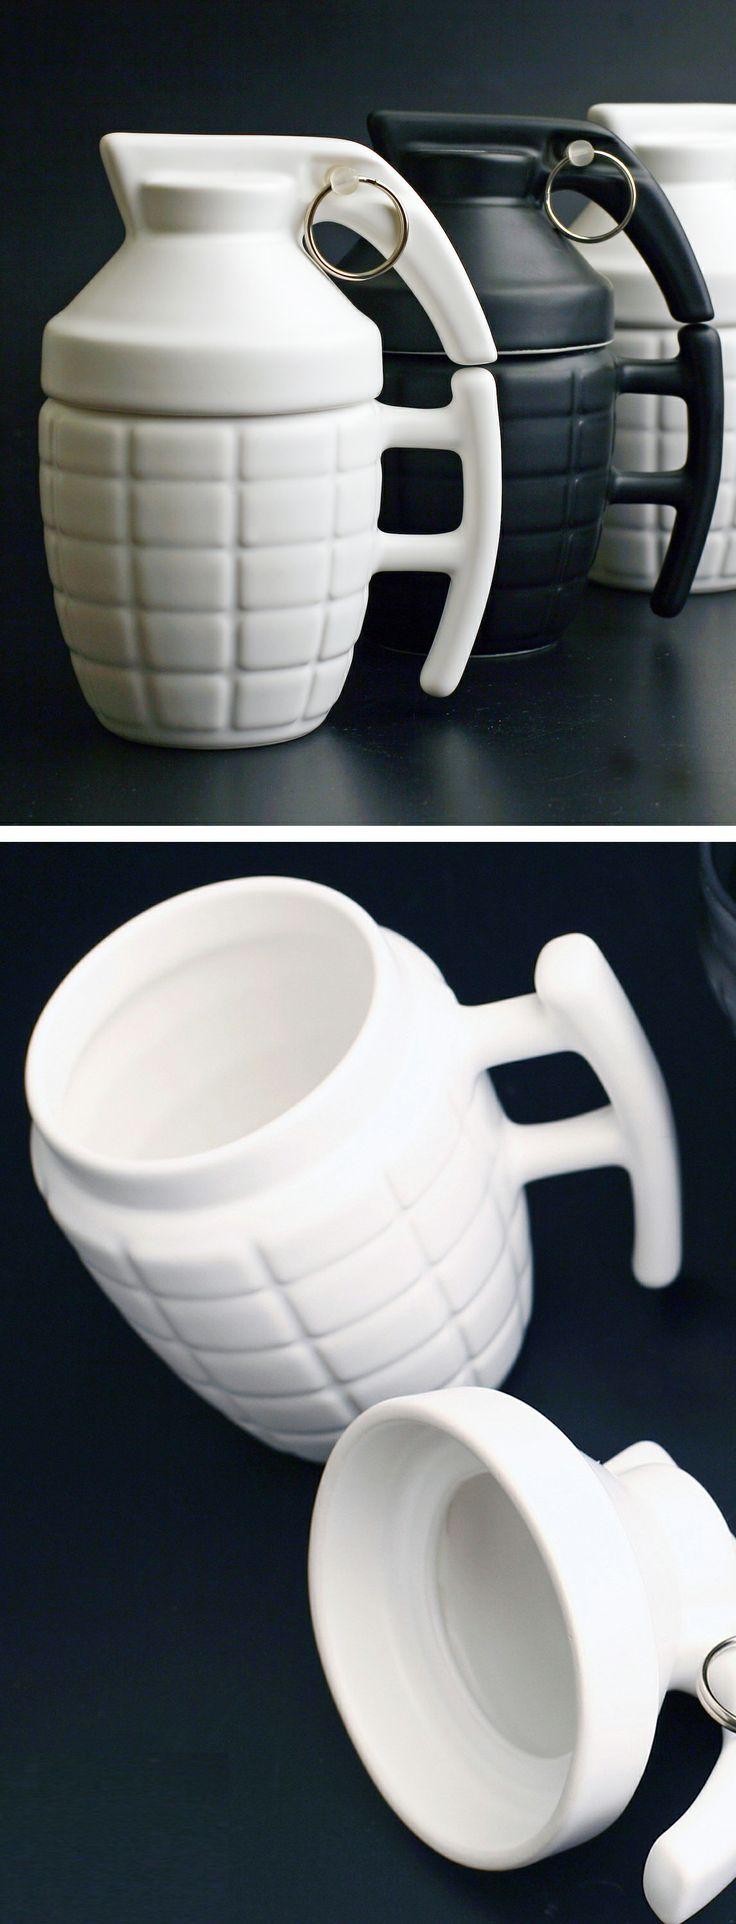 Grenade mugs